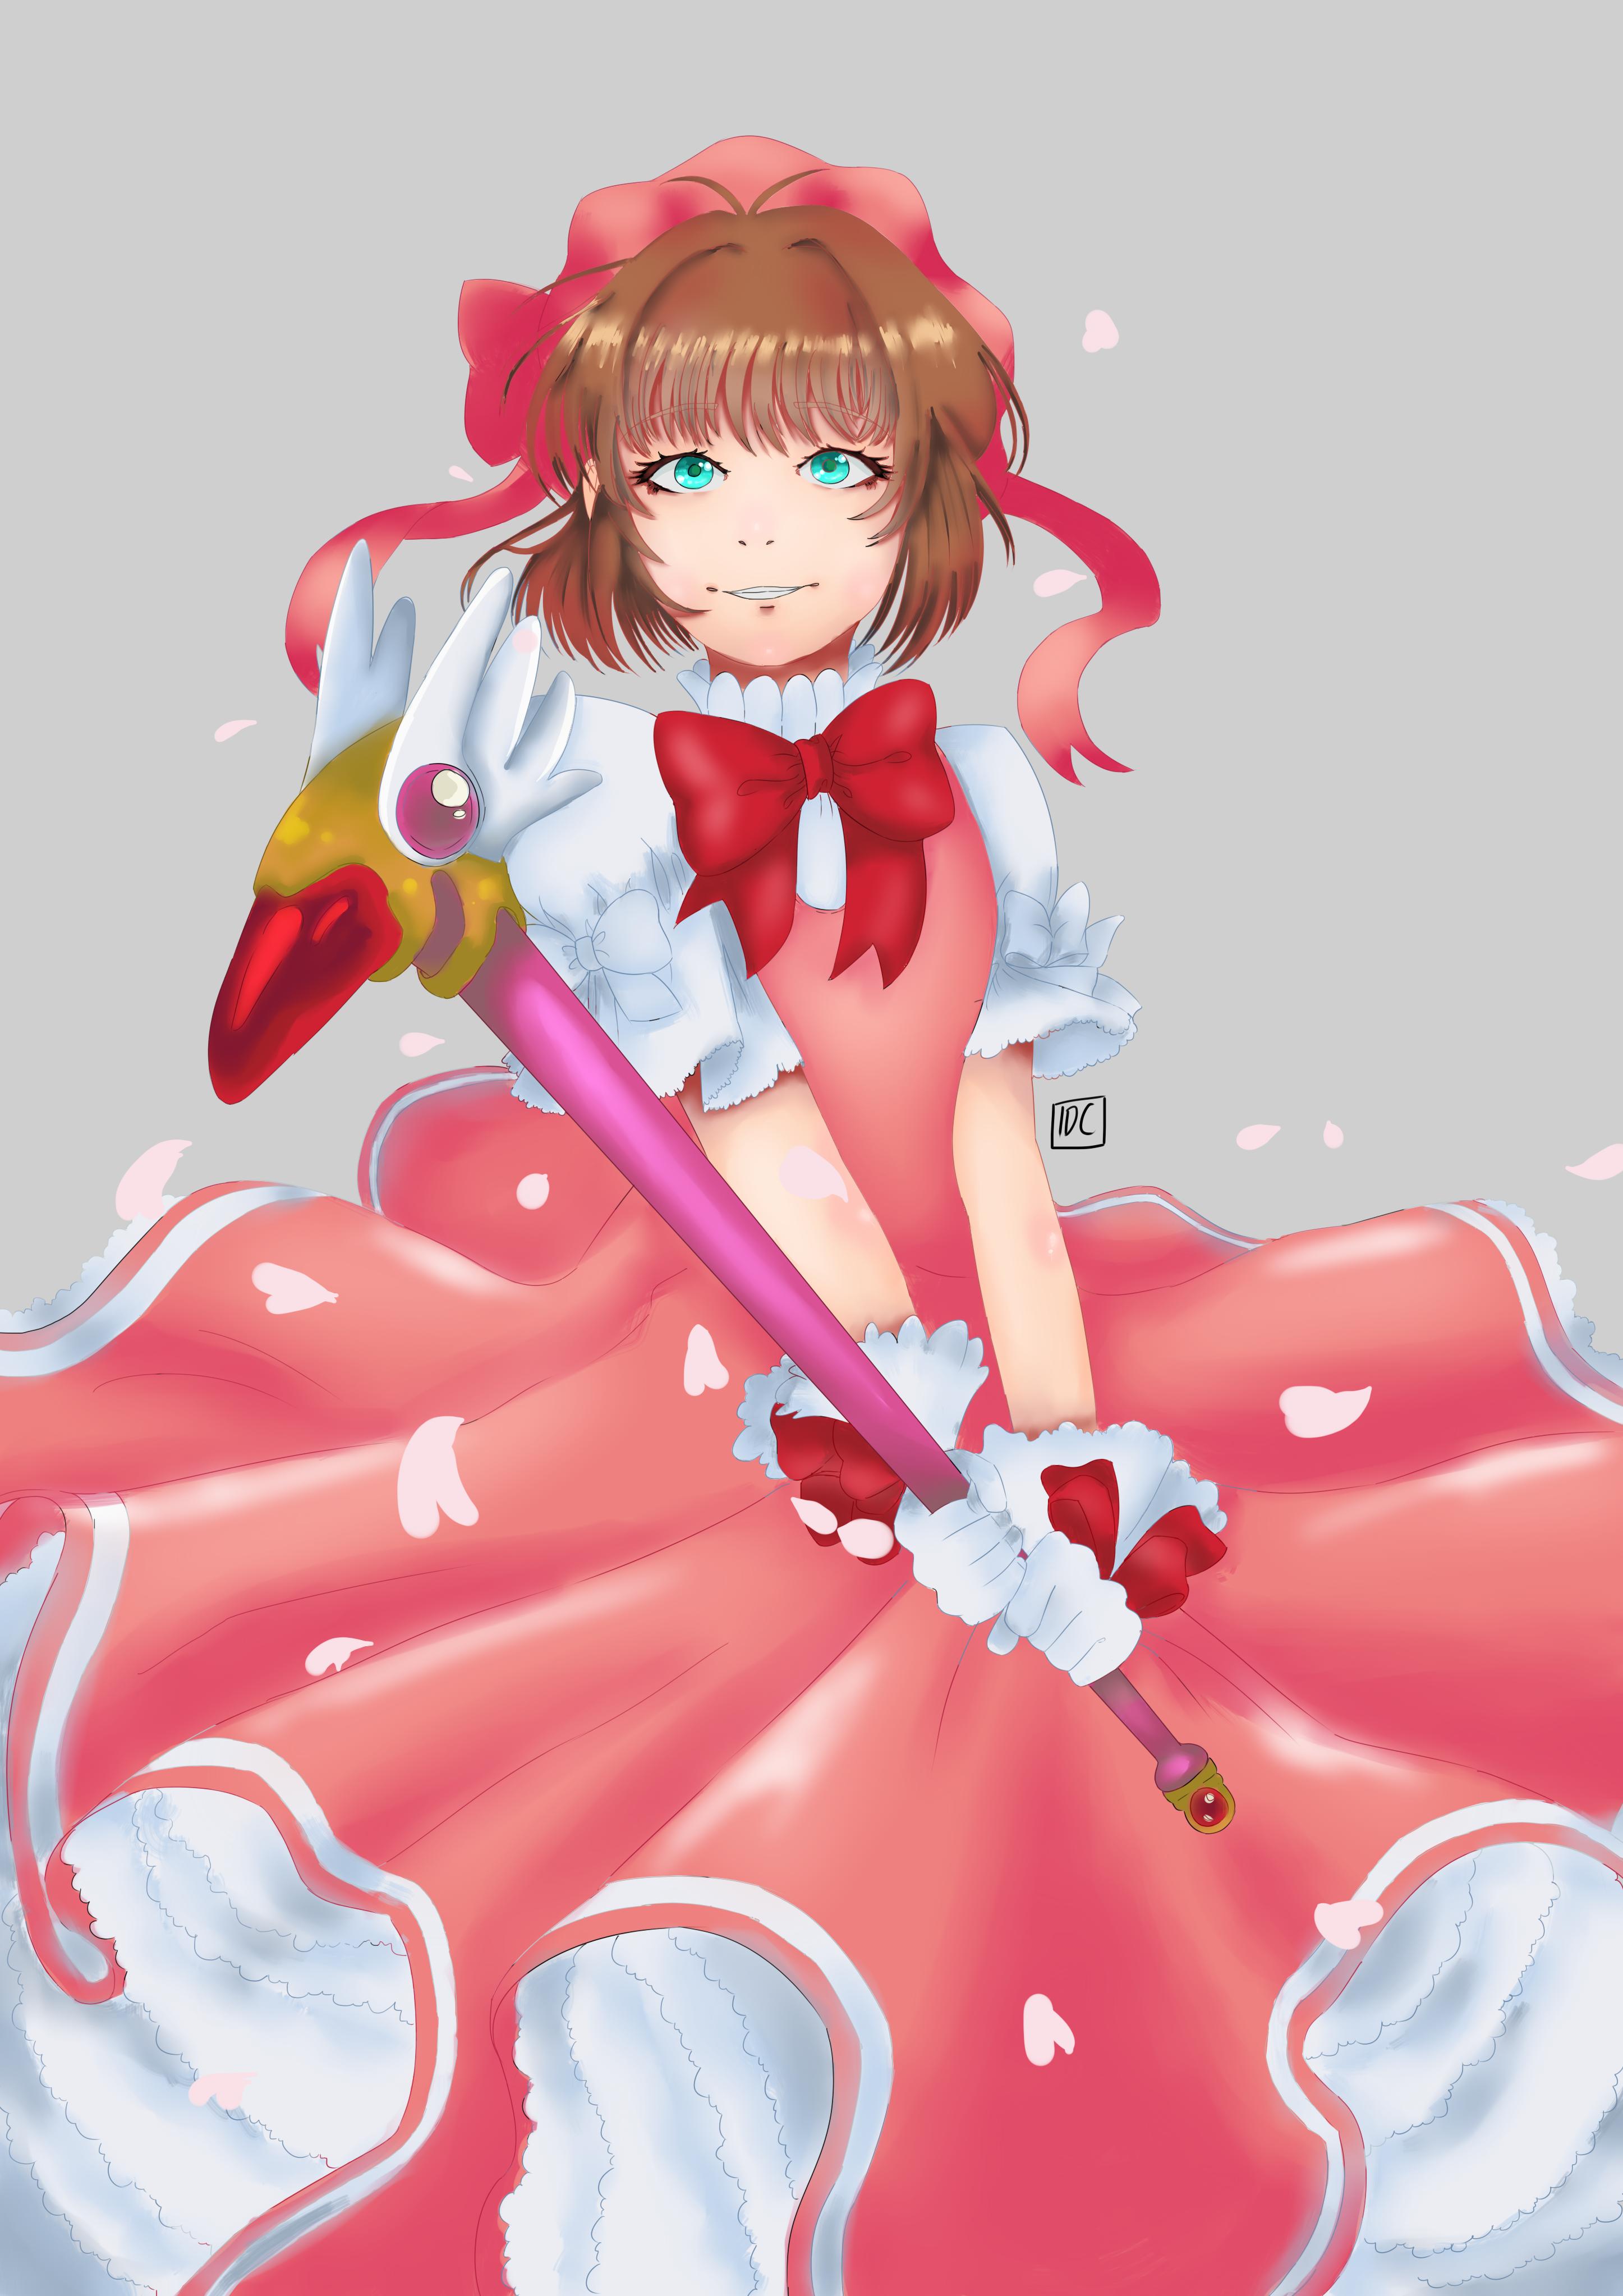 Sakura Hanamoto